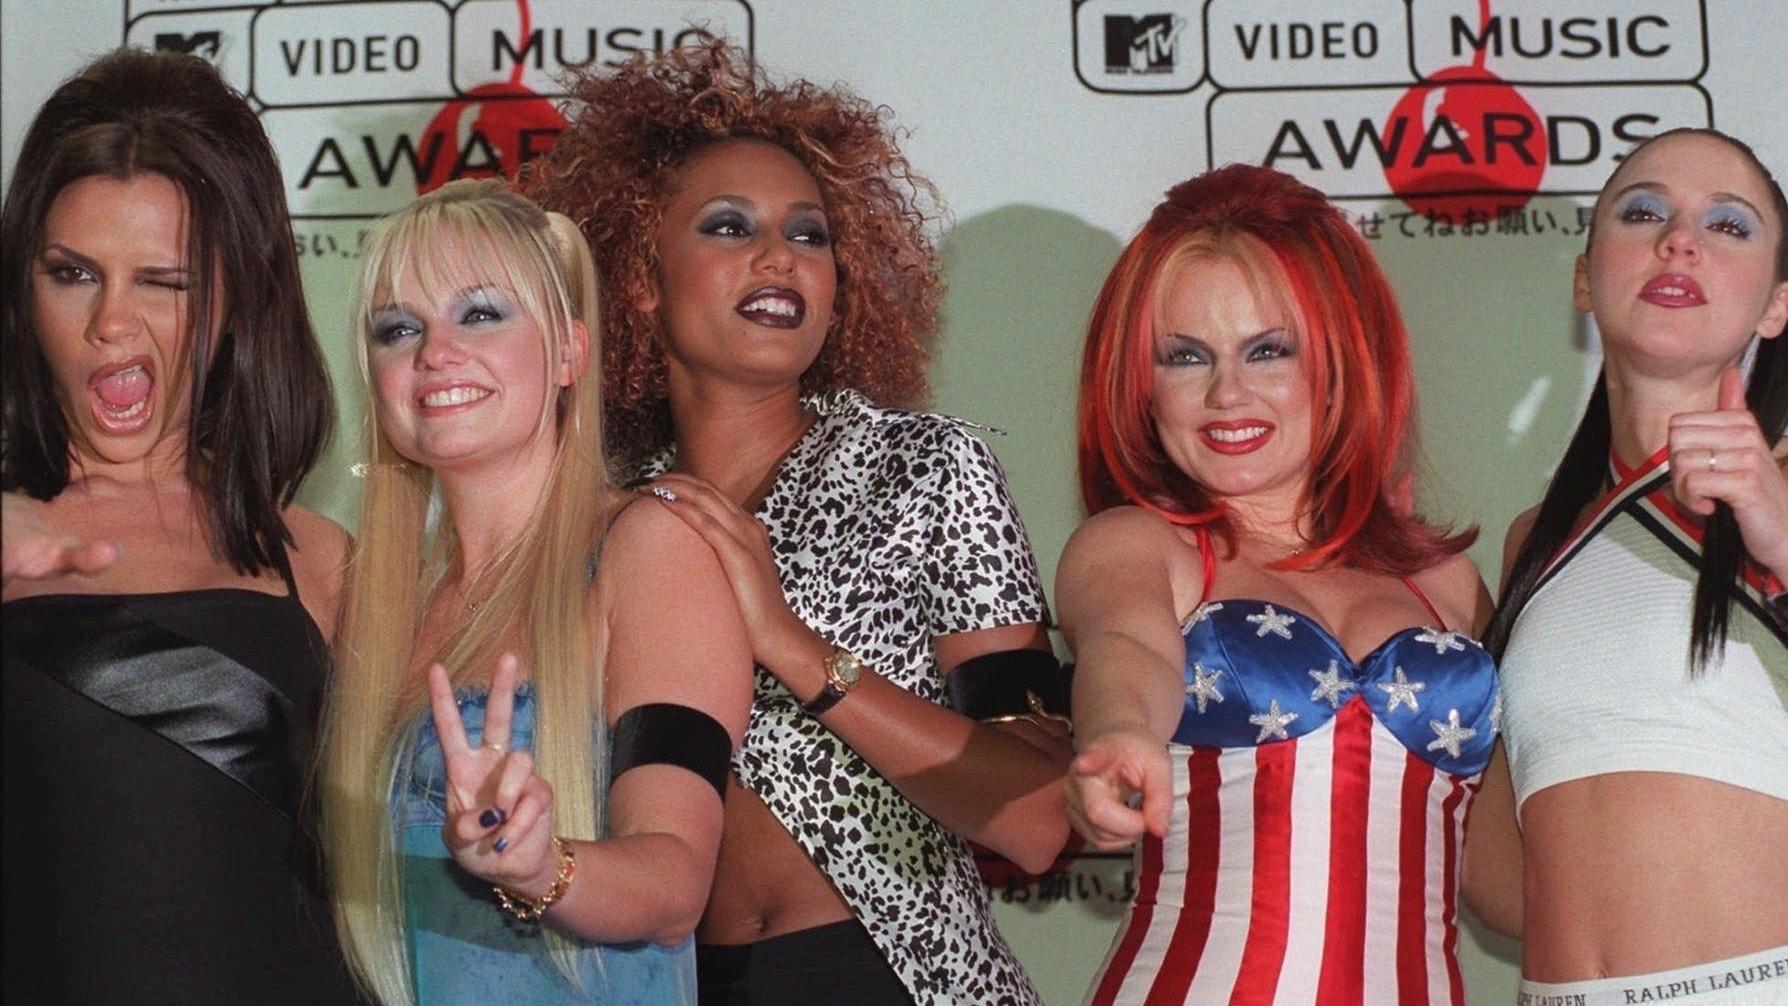 Spice Girls – en mäktig mix av musik och mode som påverkade en hel generation